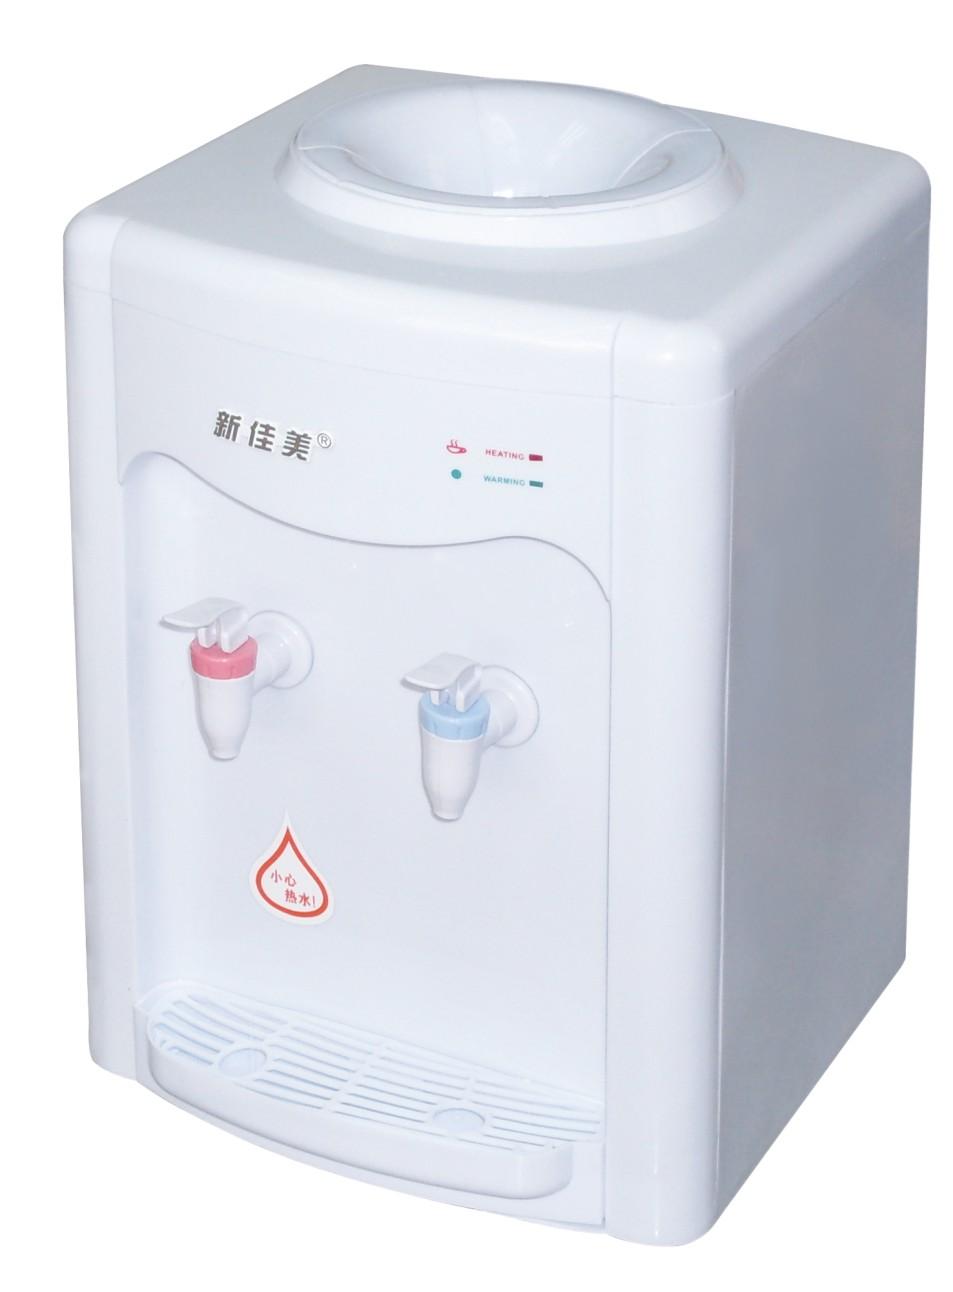 饮水架_值得关注的饮水机新品饮水机奇迪家电行业